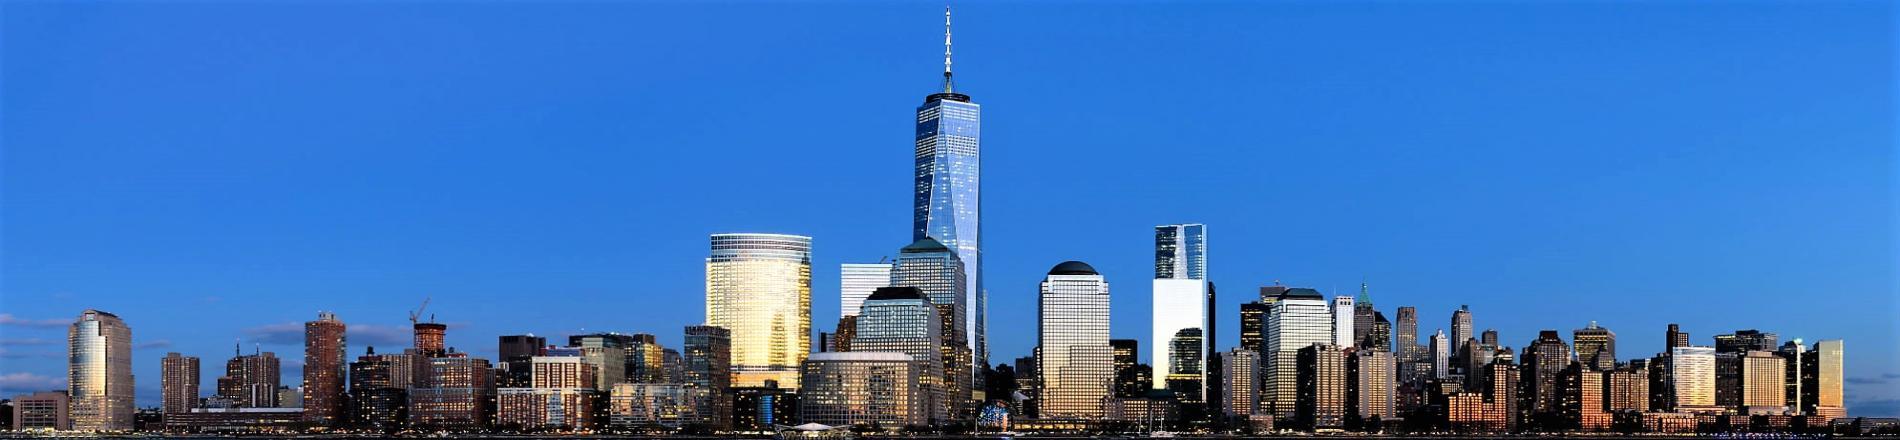 događaji za upoznavanje grada New Yorka